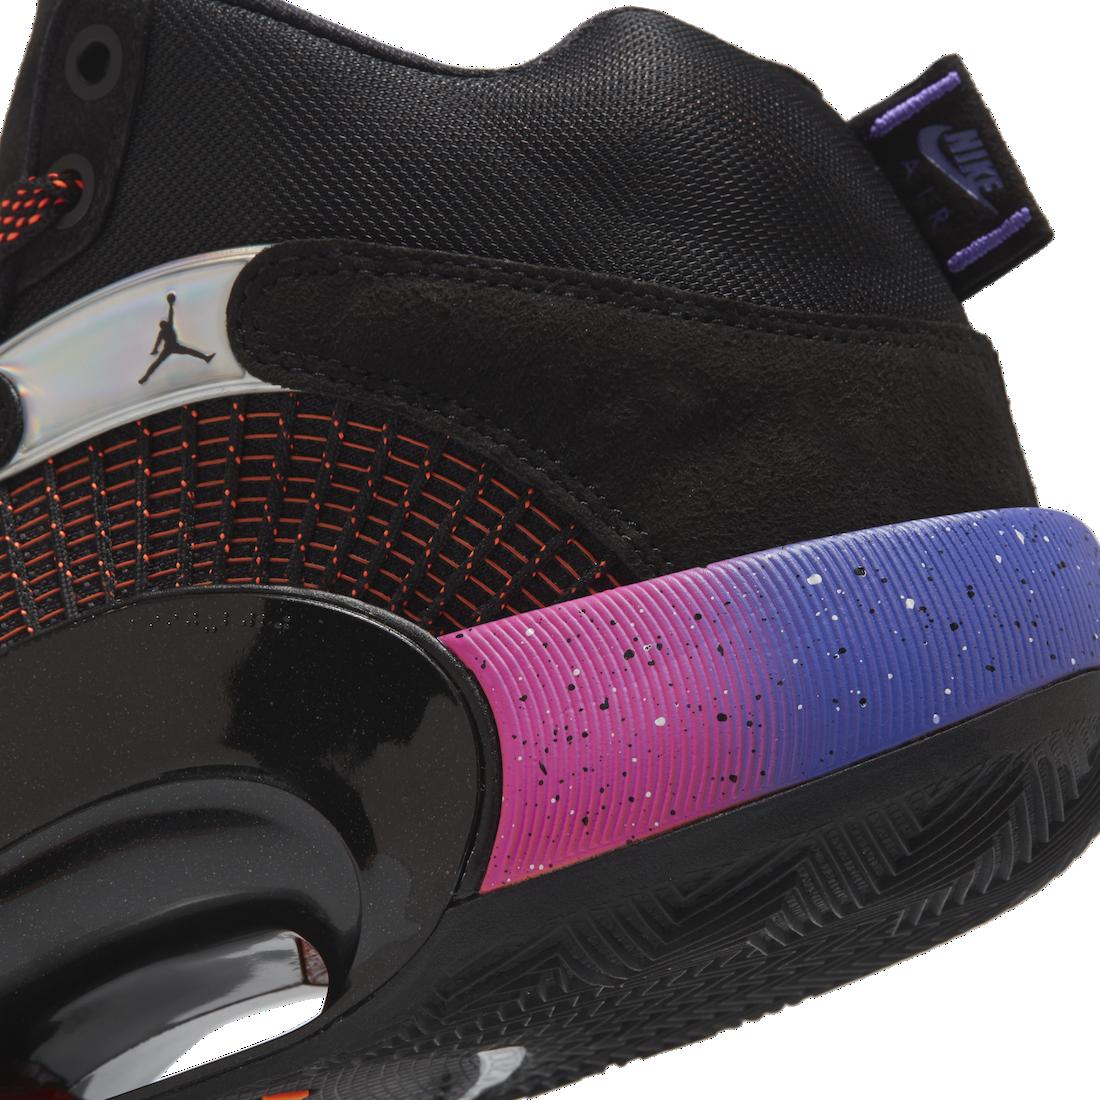 Air Jordan 35 Sunset CQ4228-004 Release Date Info